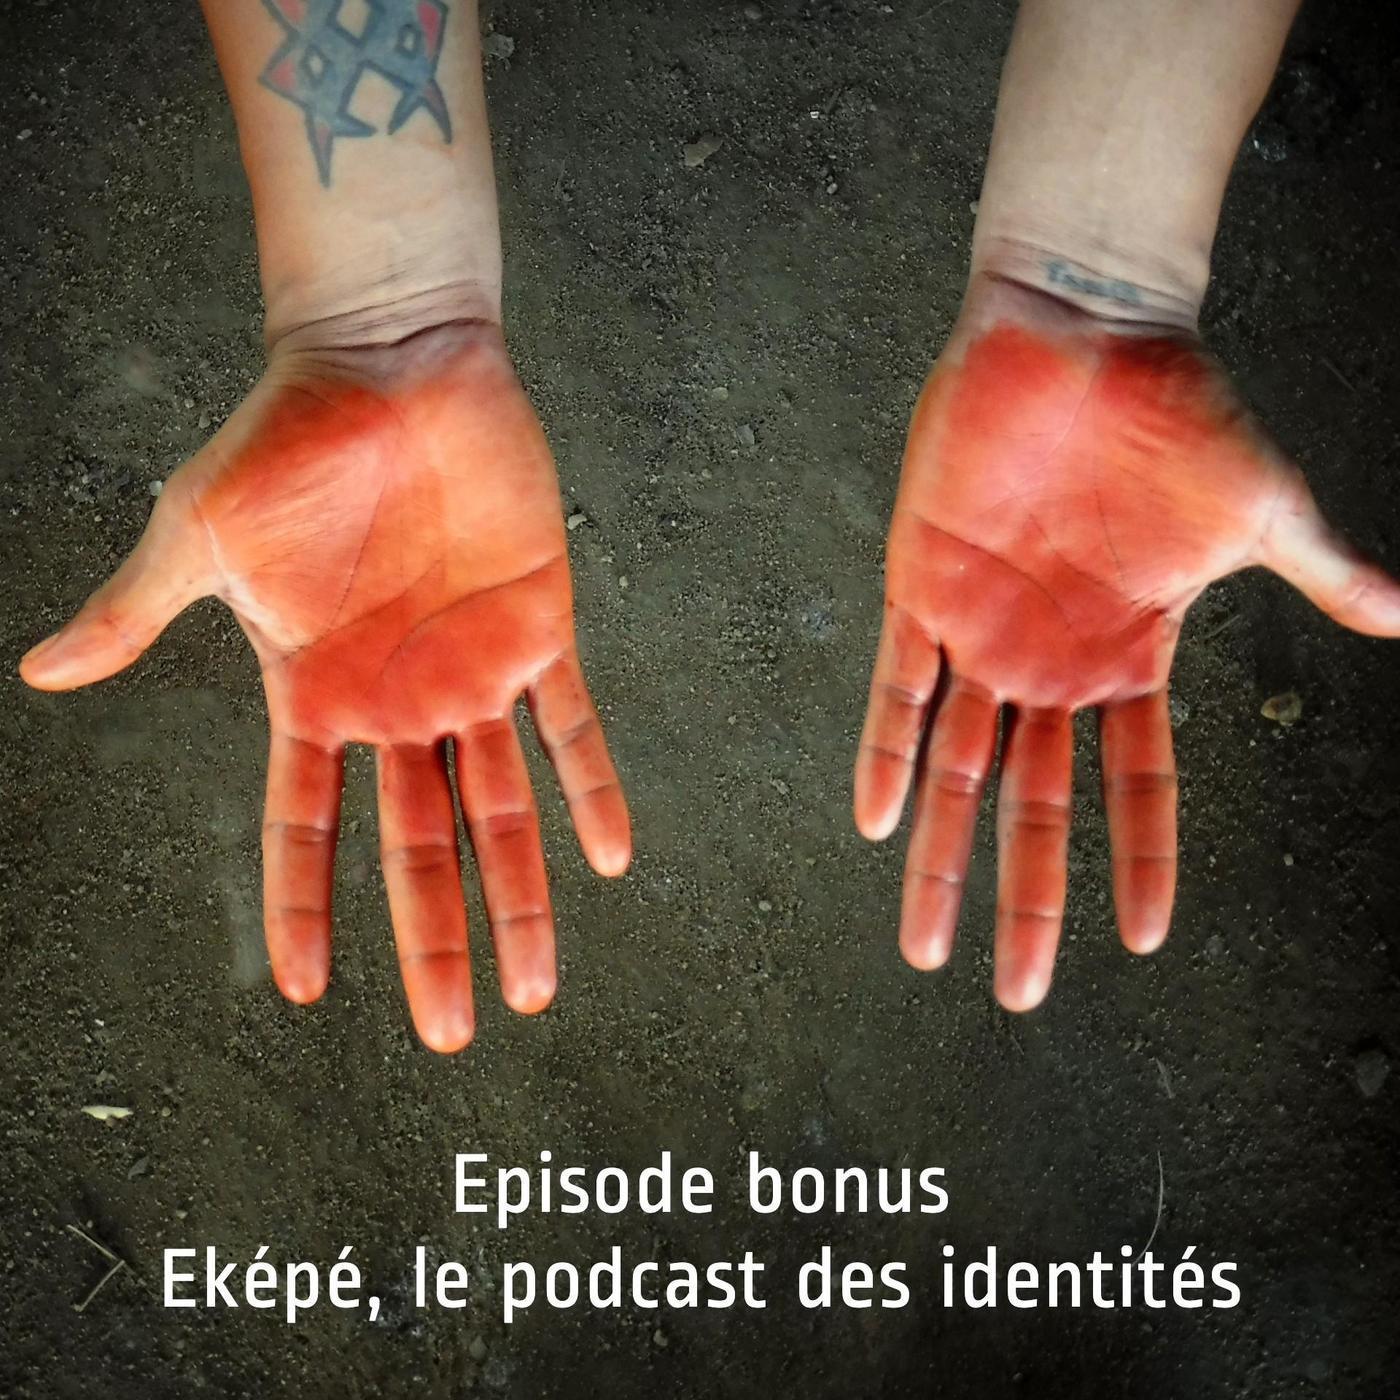 Eképé, le podcast des identités